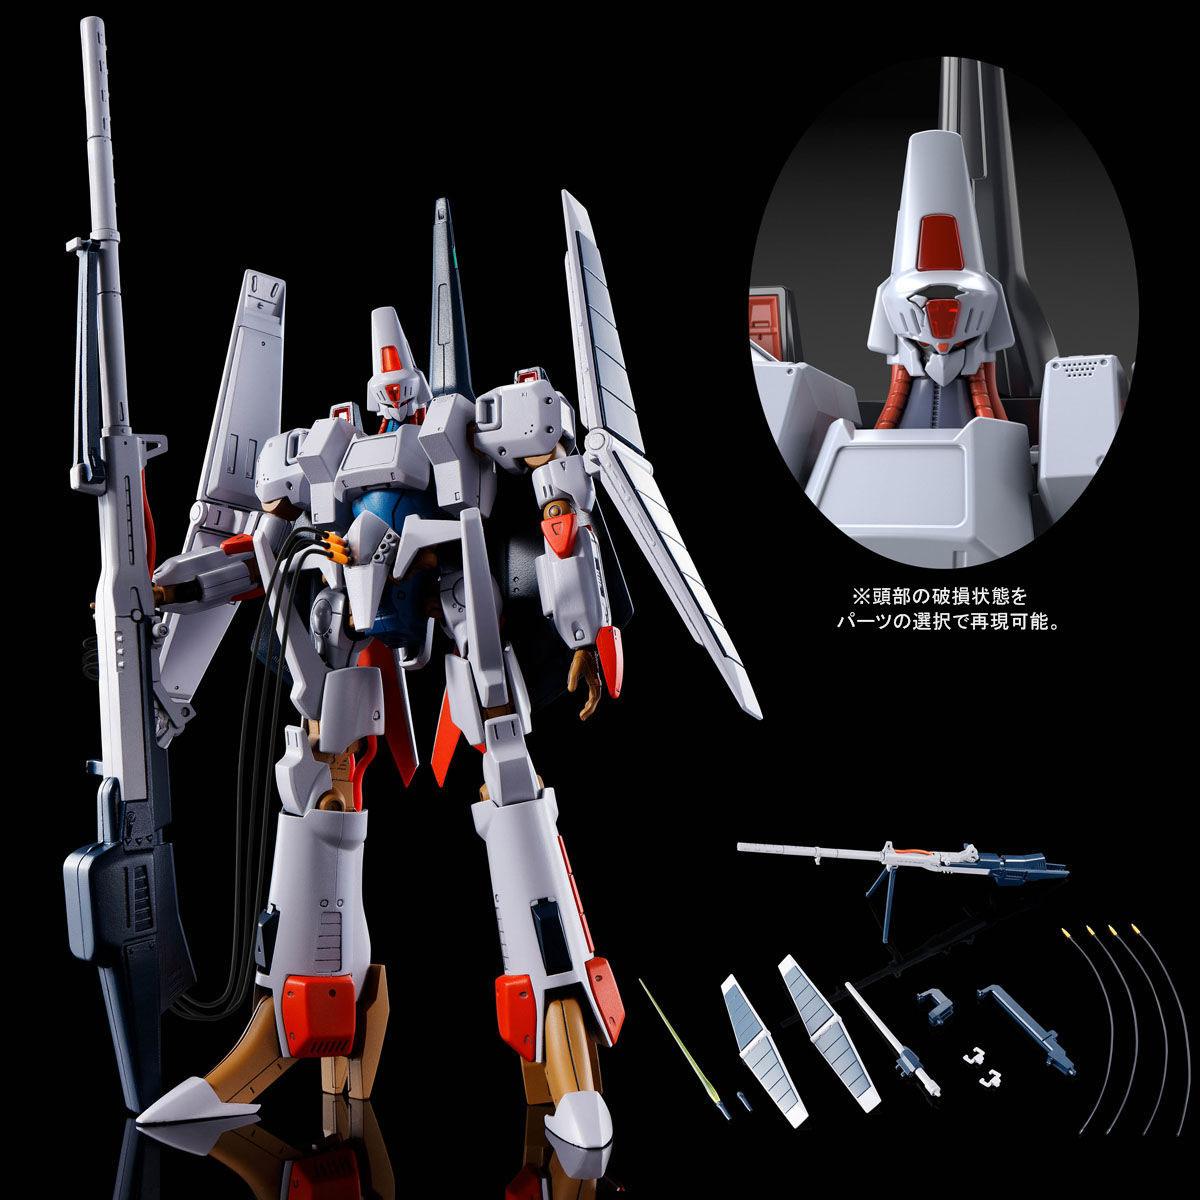 【限定販売】HG 1/144『エルガイムMk-II』重戦機エルガイム プラモデル-009